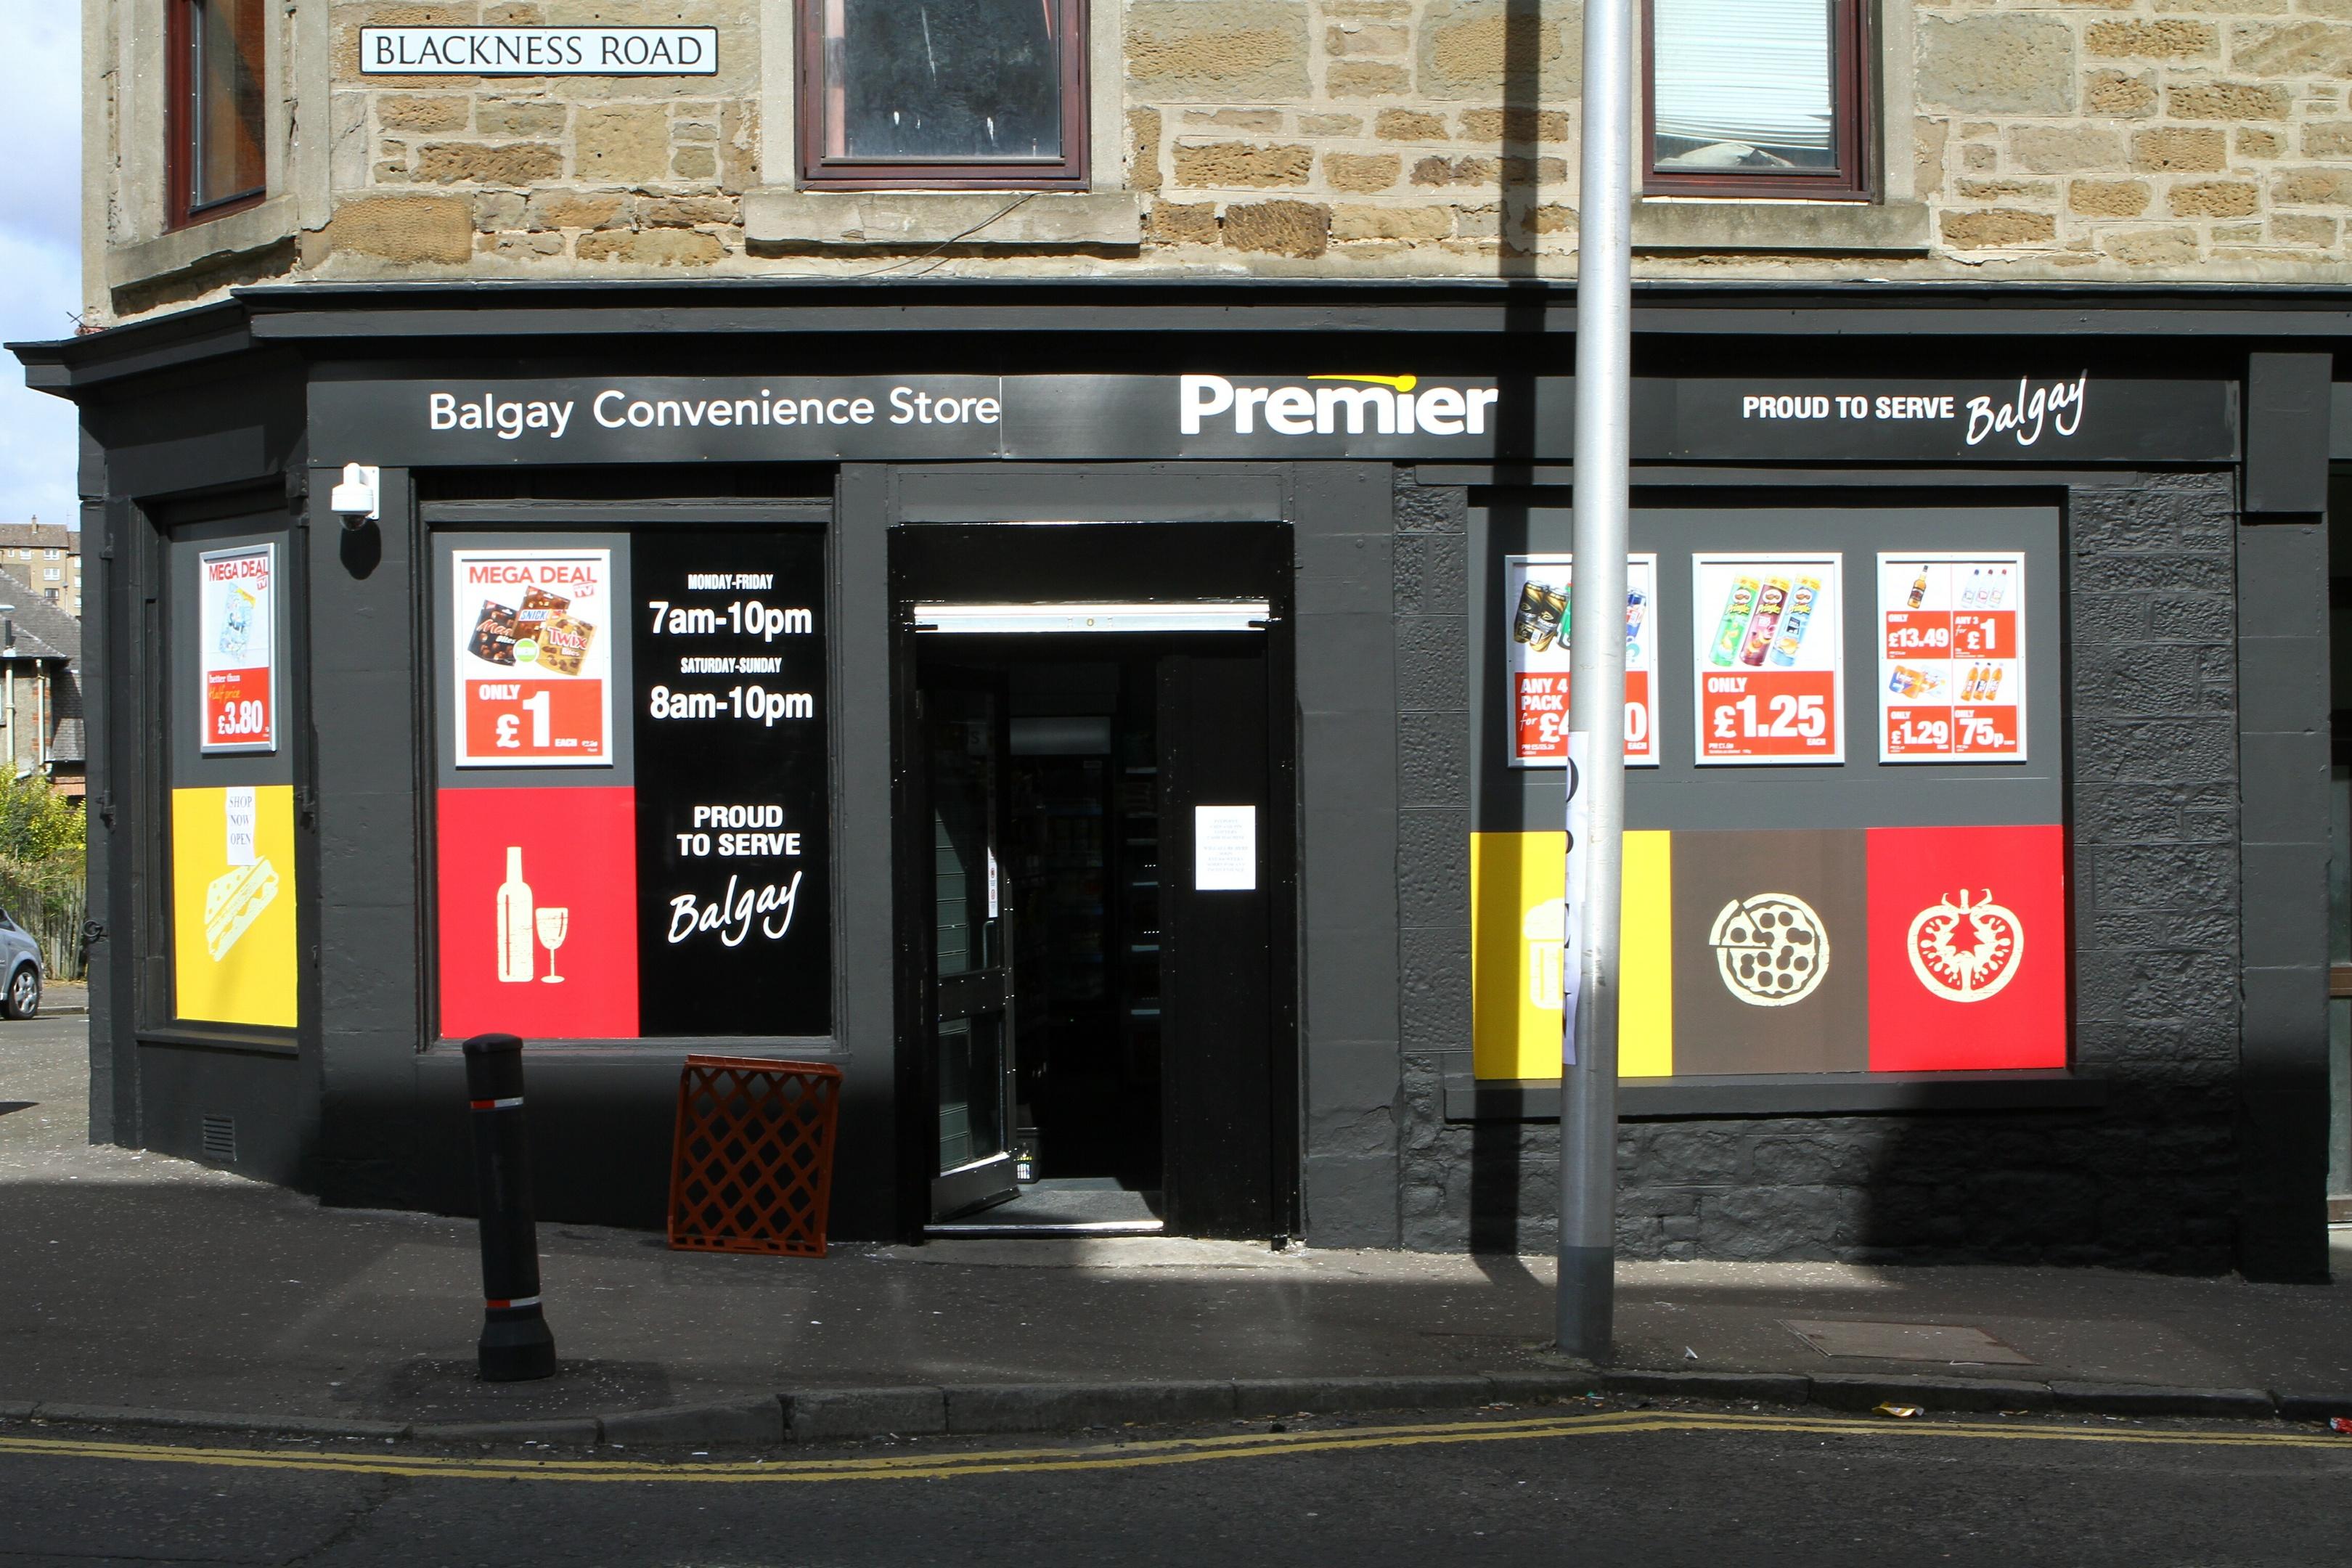 The Blackness Road shop